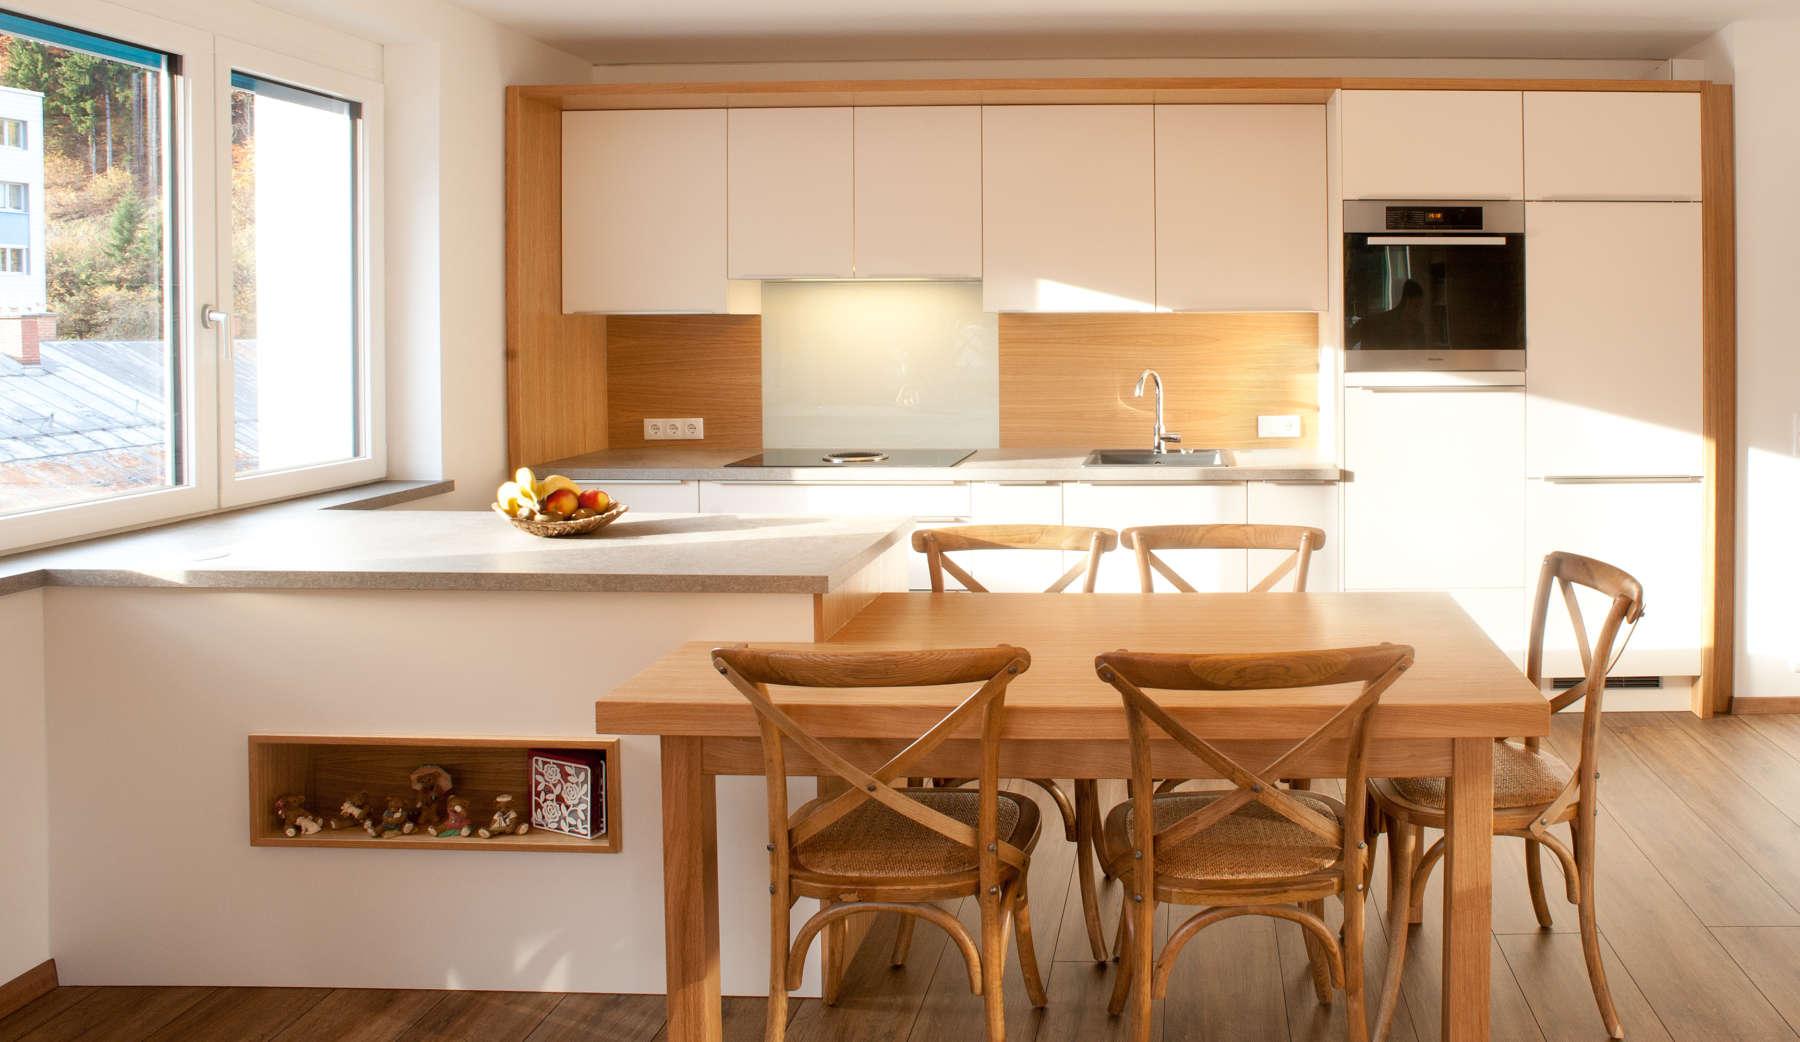 All Unsere Küchen U2013 Ob Landhausküche, Moderne Küchen Oder Spezielle  Familienküchen Erfüllen Ihre Individuellen Vorstellungen An Komfort,  Funktionalität, ...